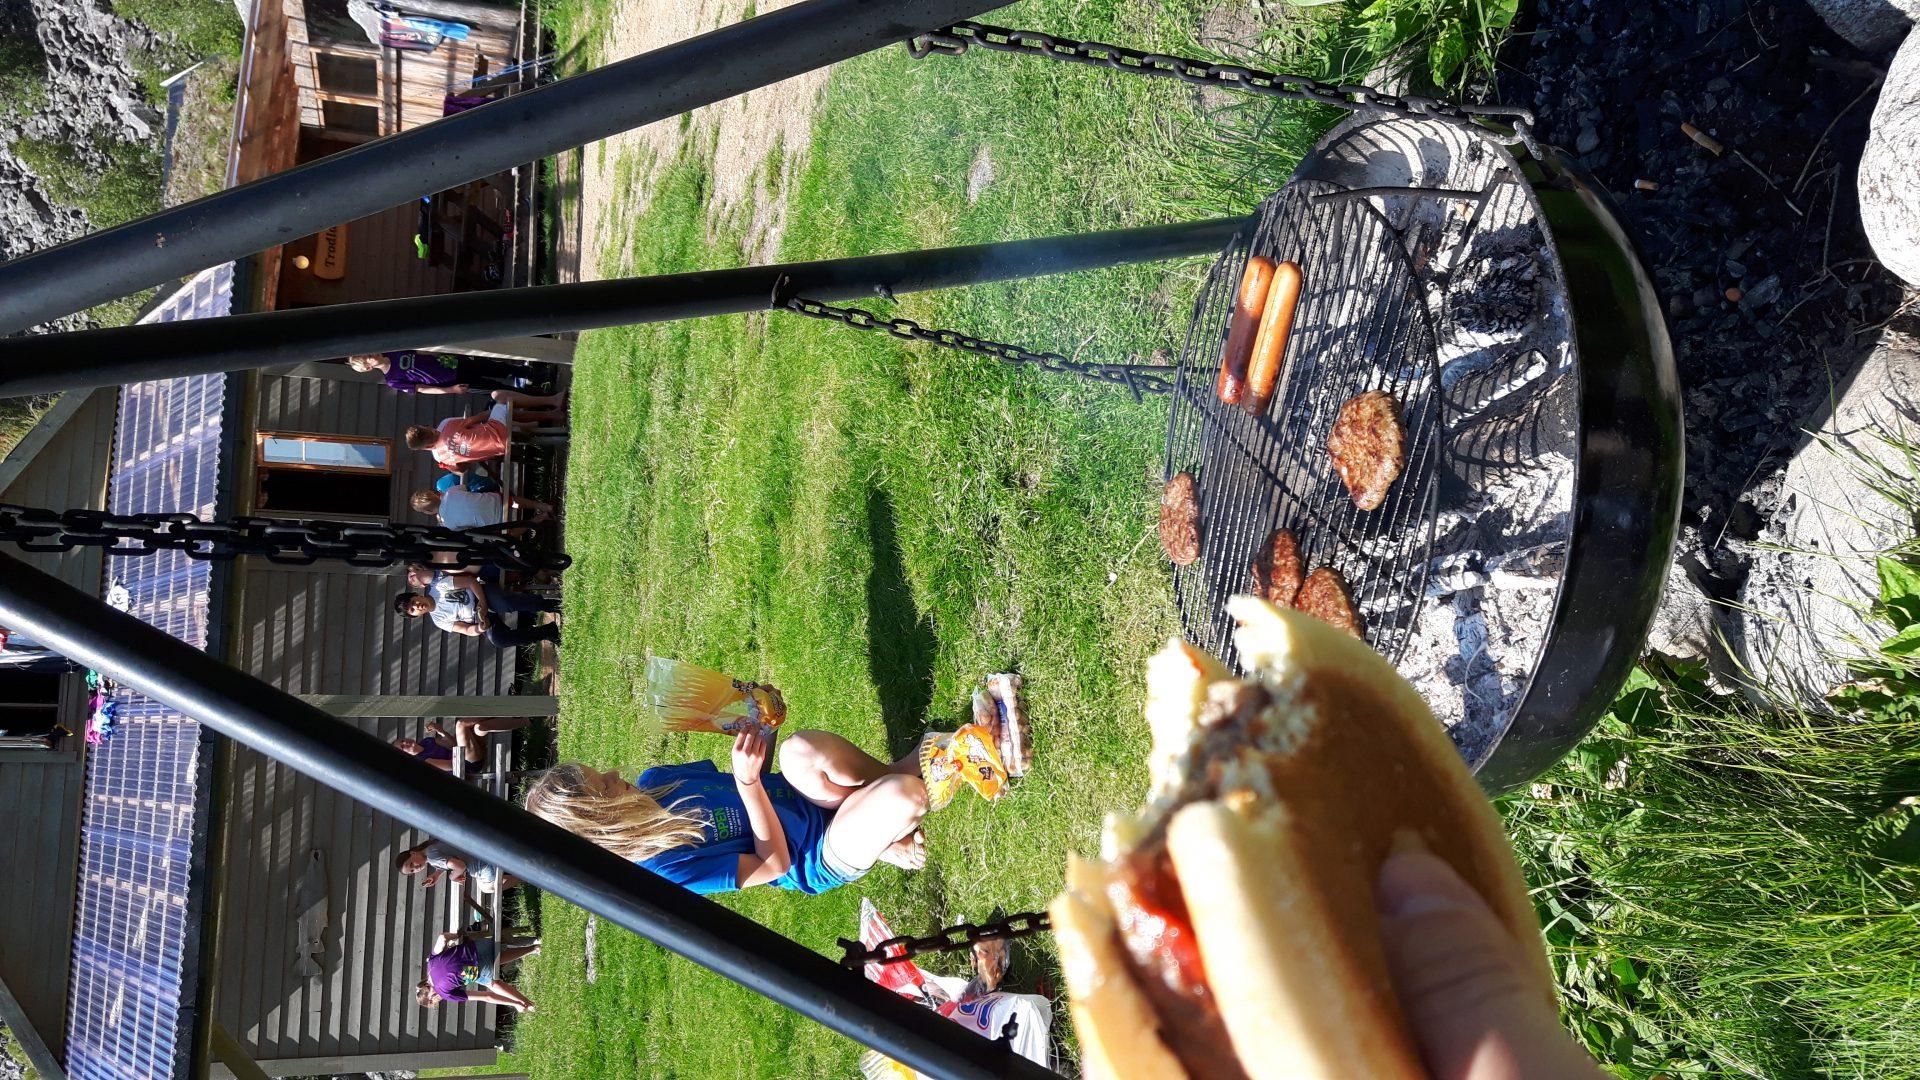 Grillmat etter ei lang vandring gjer godt for både kropp og sinn!